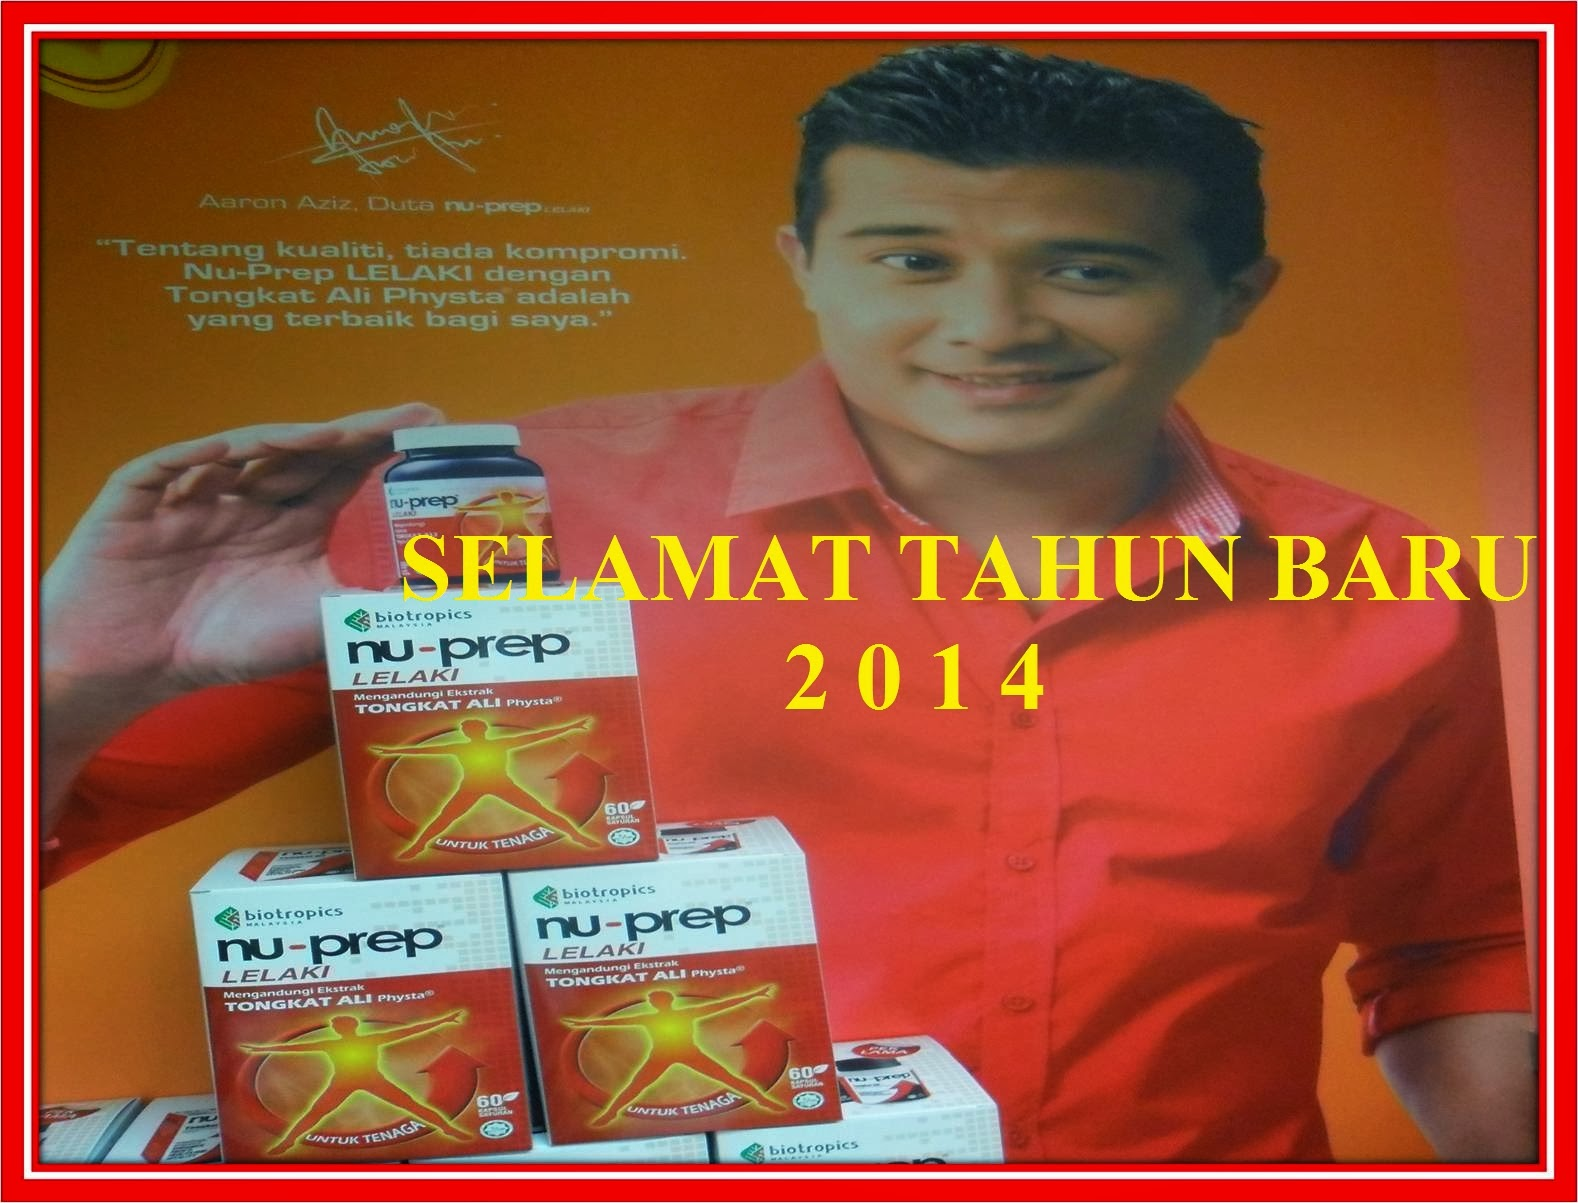 SELAMAT TAHUN BARU 2014 'ANDA SIHAT BERSAMA TONGKAT ALI NU-PREP LELAKI'